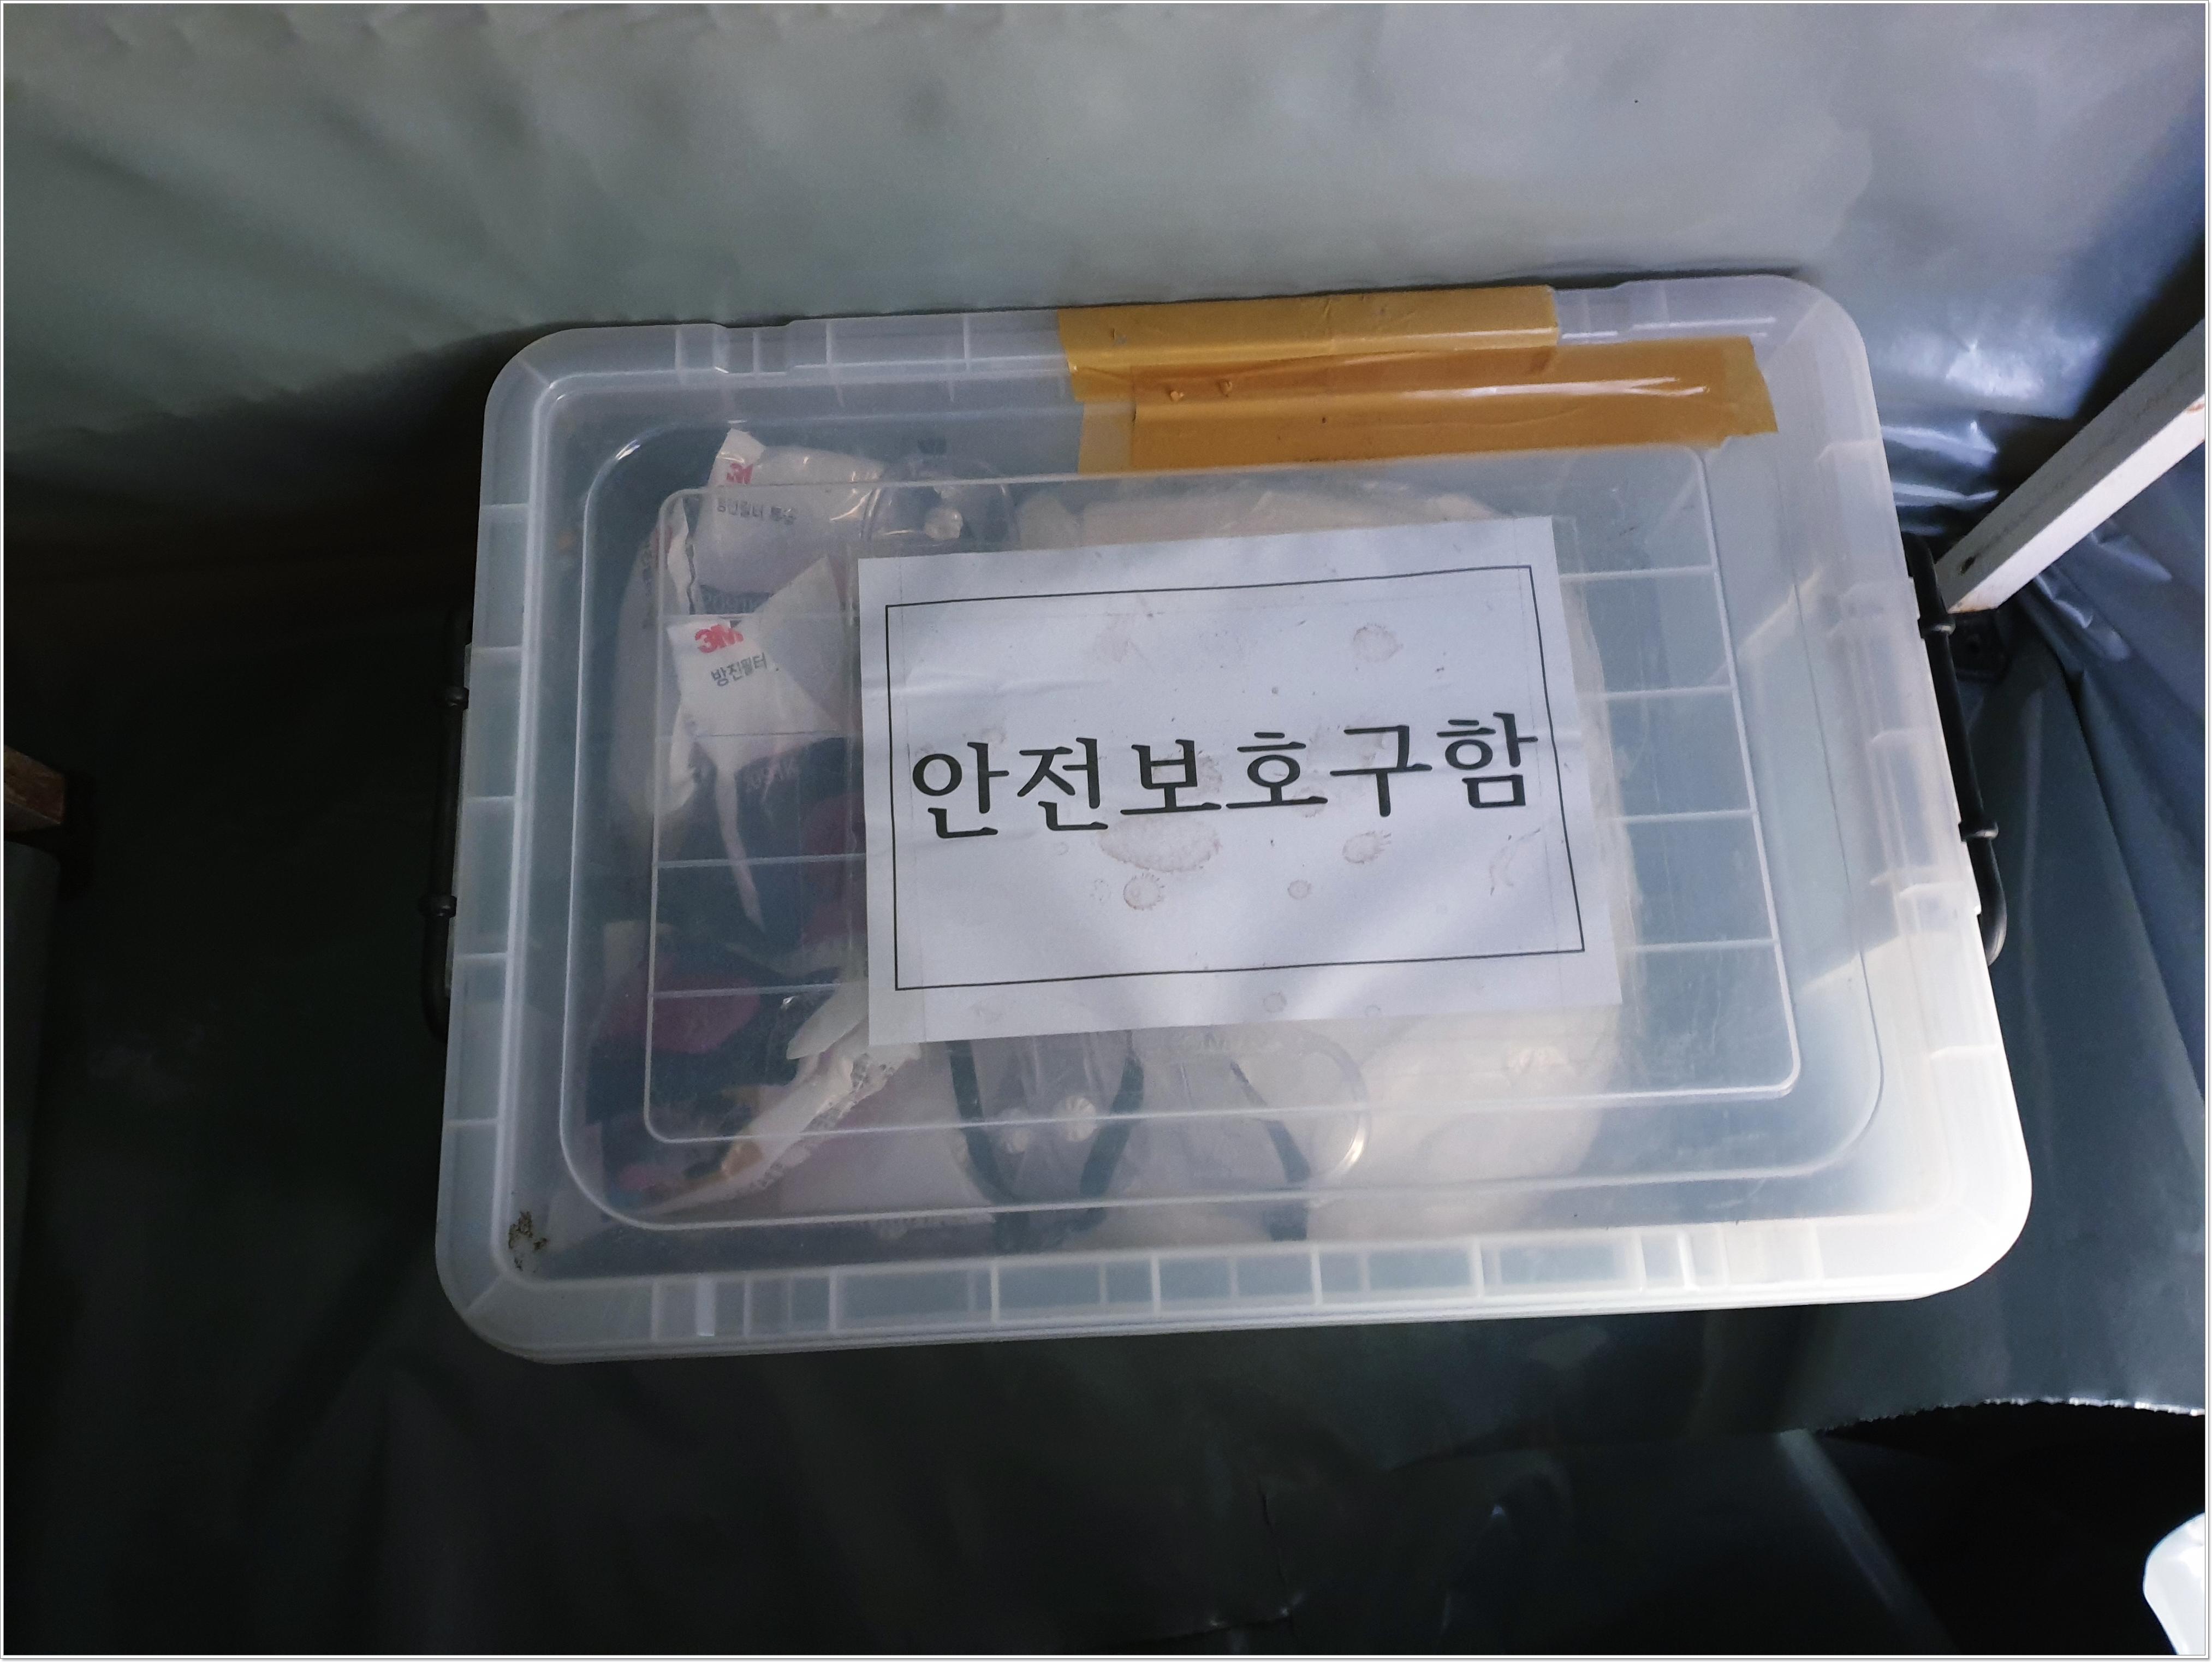 3 번째 사진  에  연면적 ㎡ 부산 중학교 석면해체 현장 (천장 텍스)